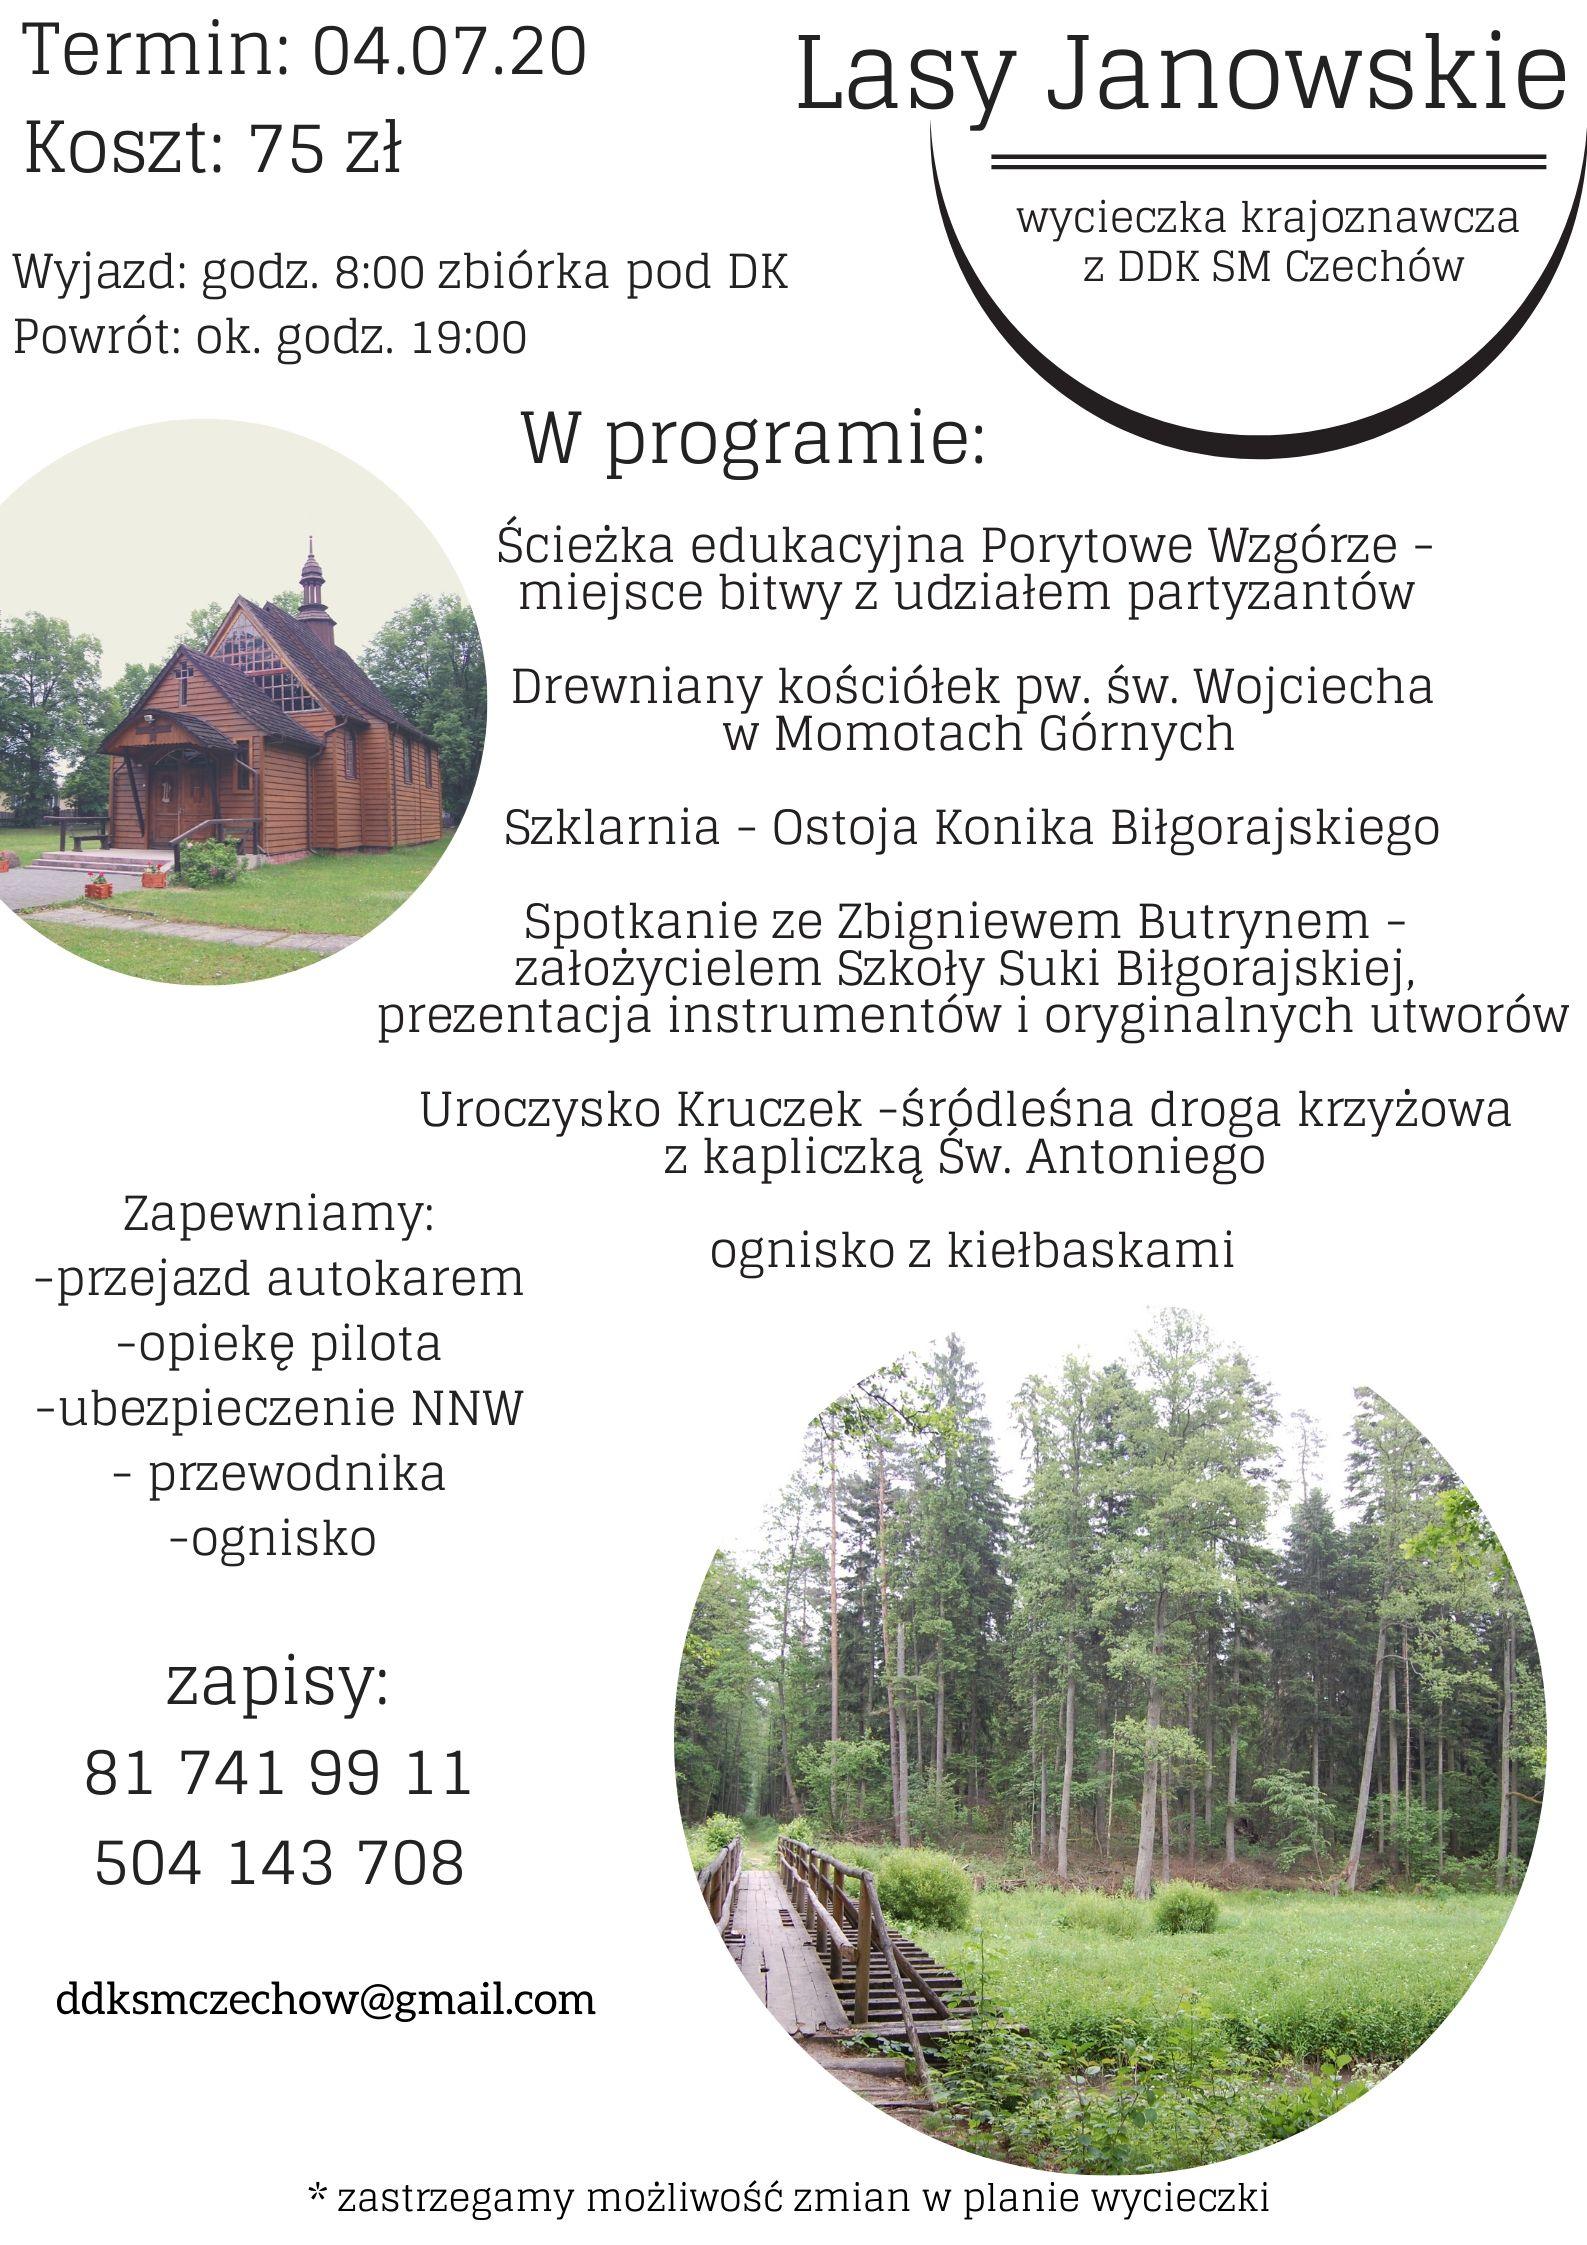 wycieczka krajoznawcza – Lasy Janowskie